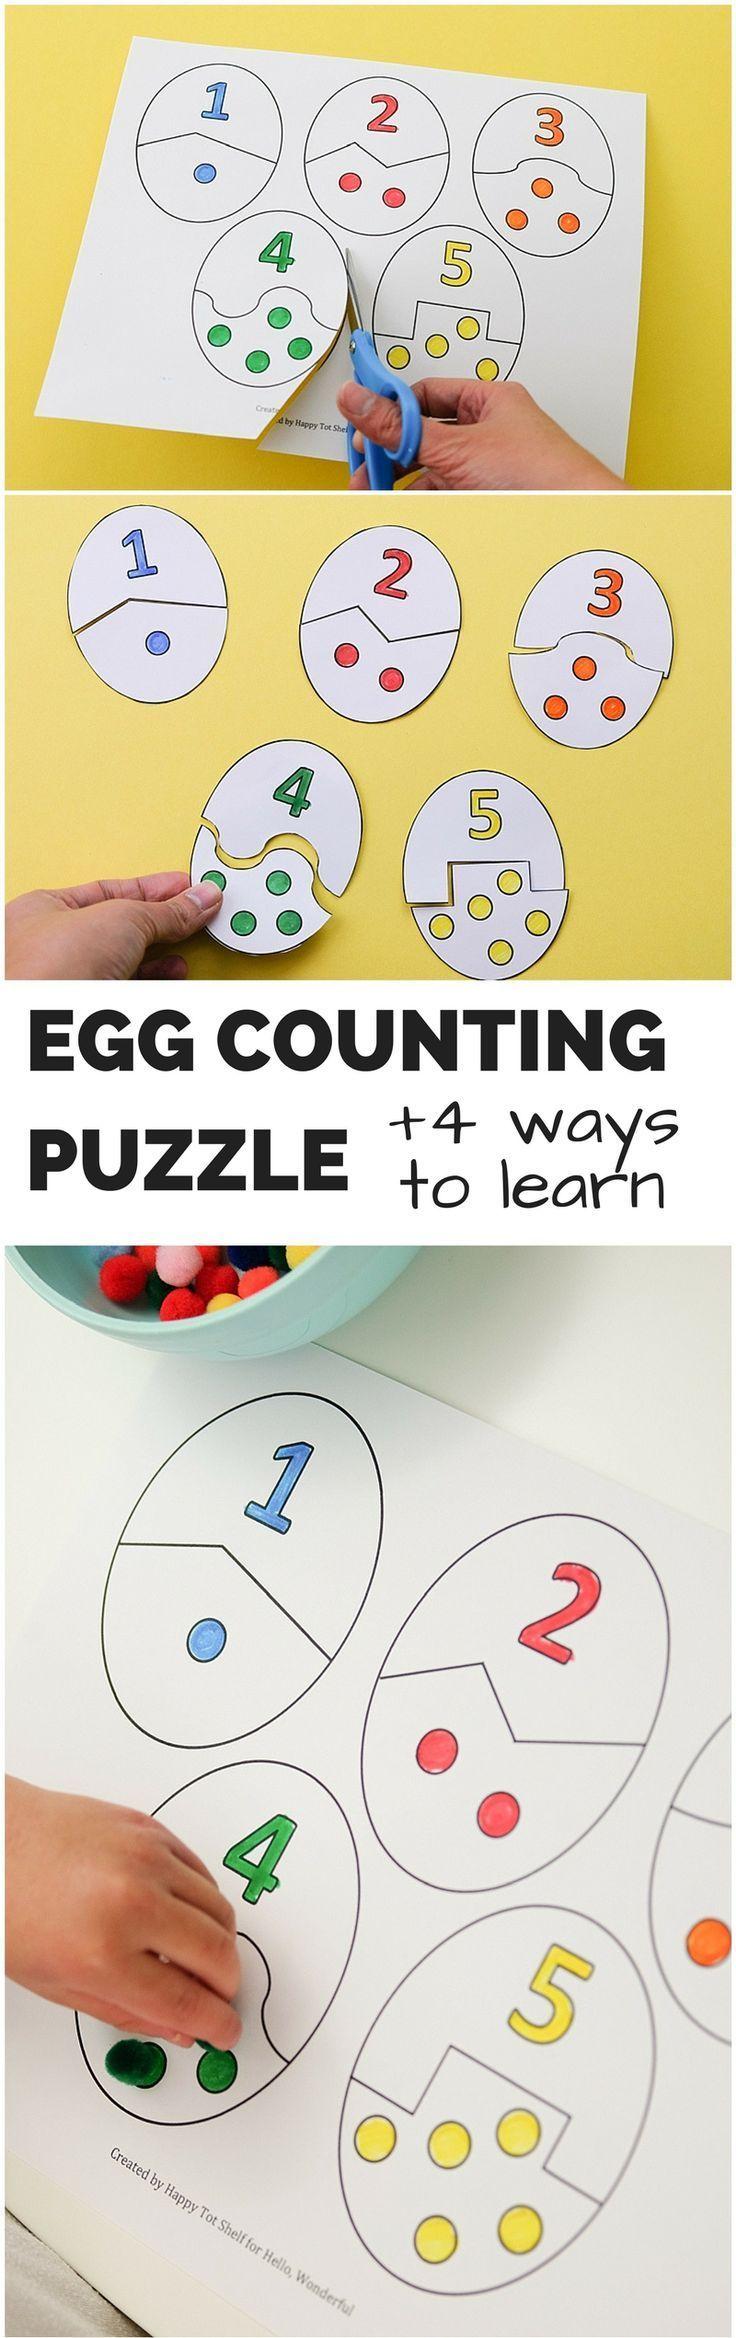 Egg Counting Puzzle Aktivität mit 4 Möglichkeiten zu lernen. Kostenlose Prin